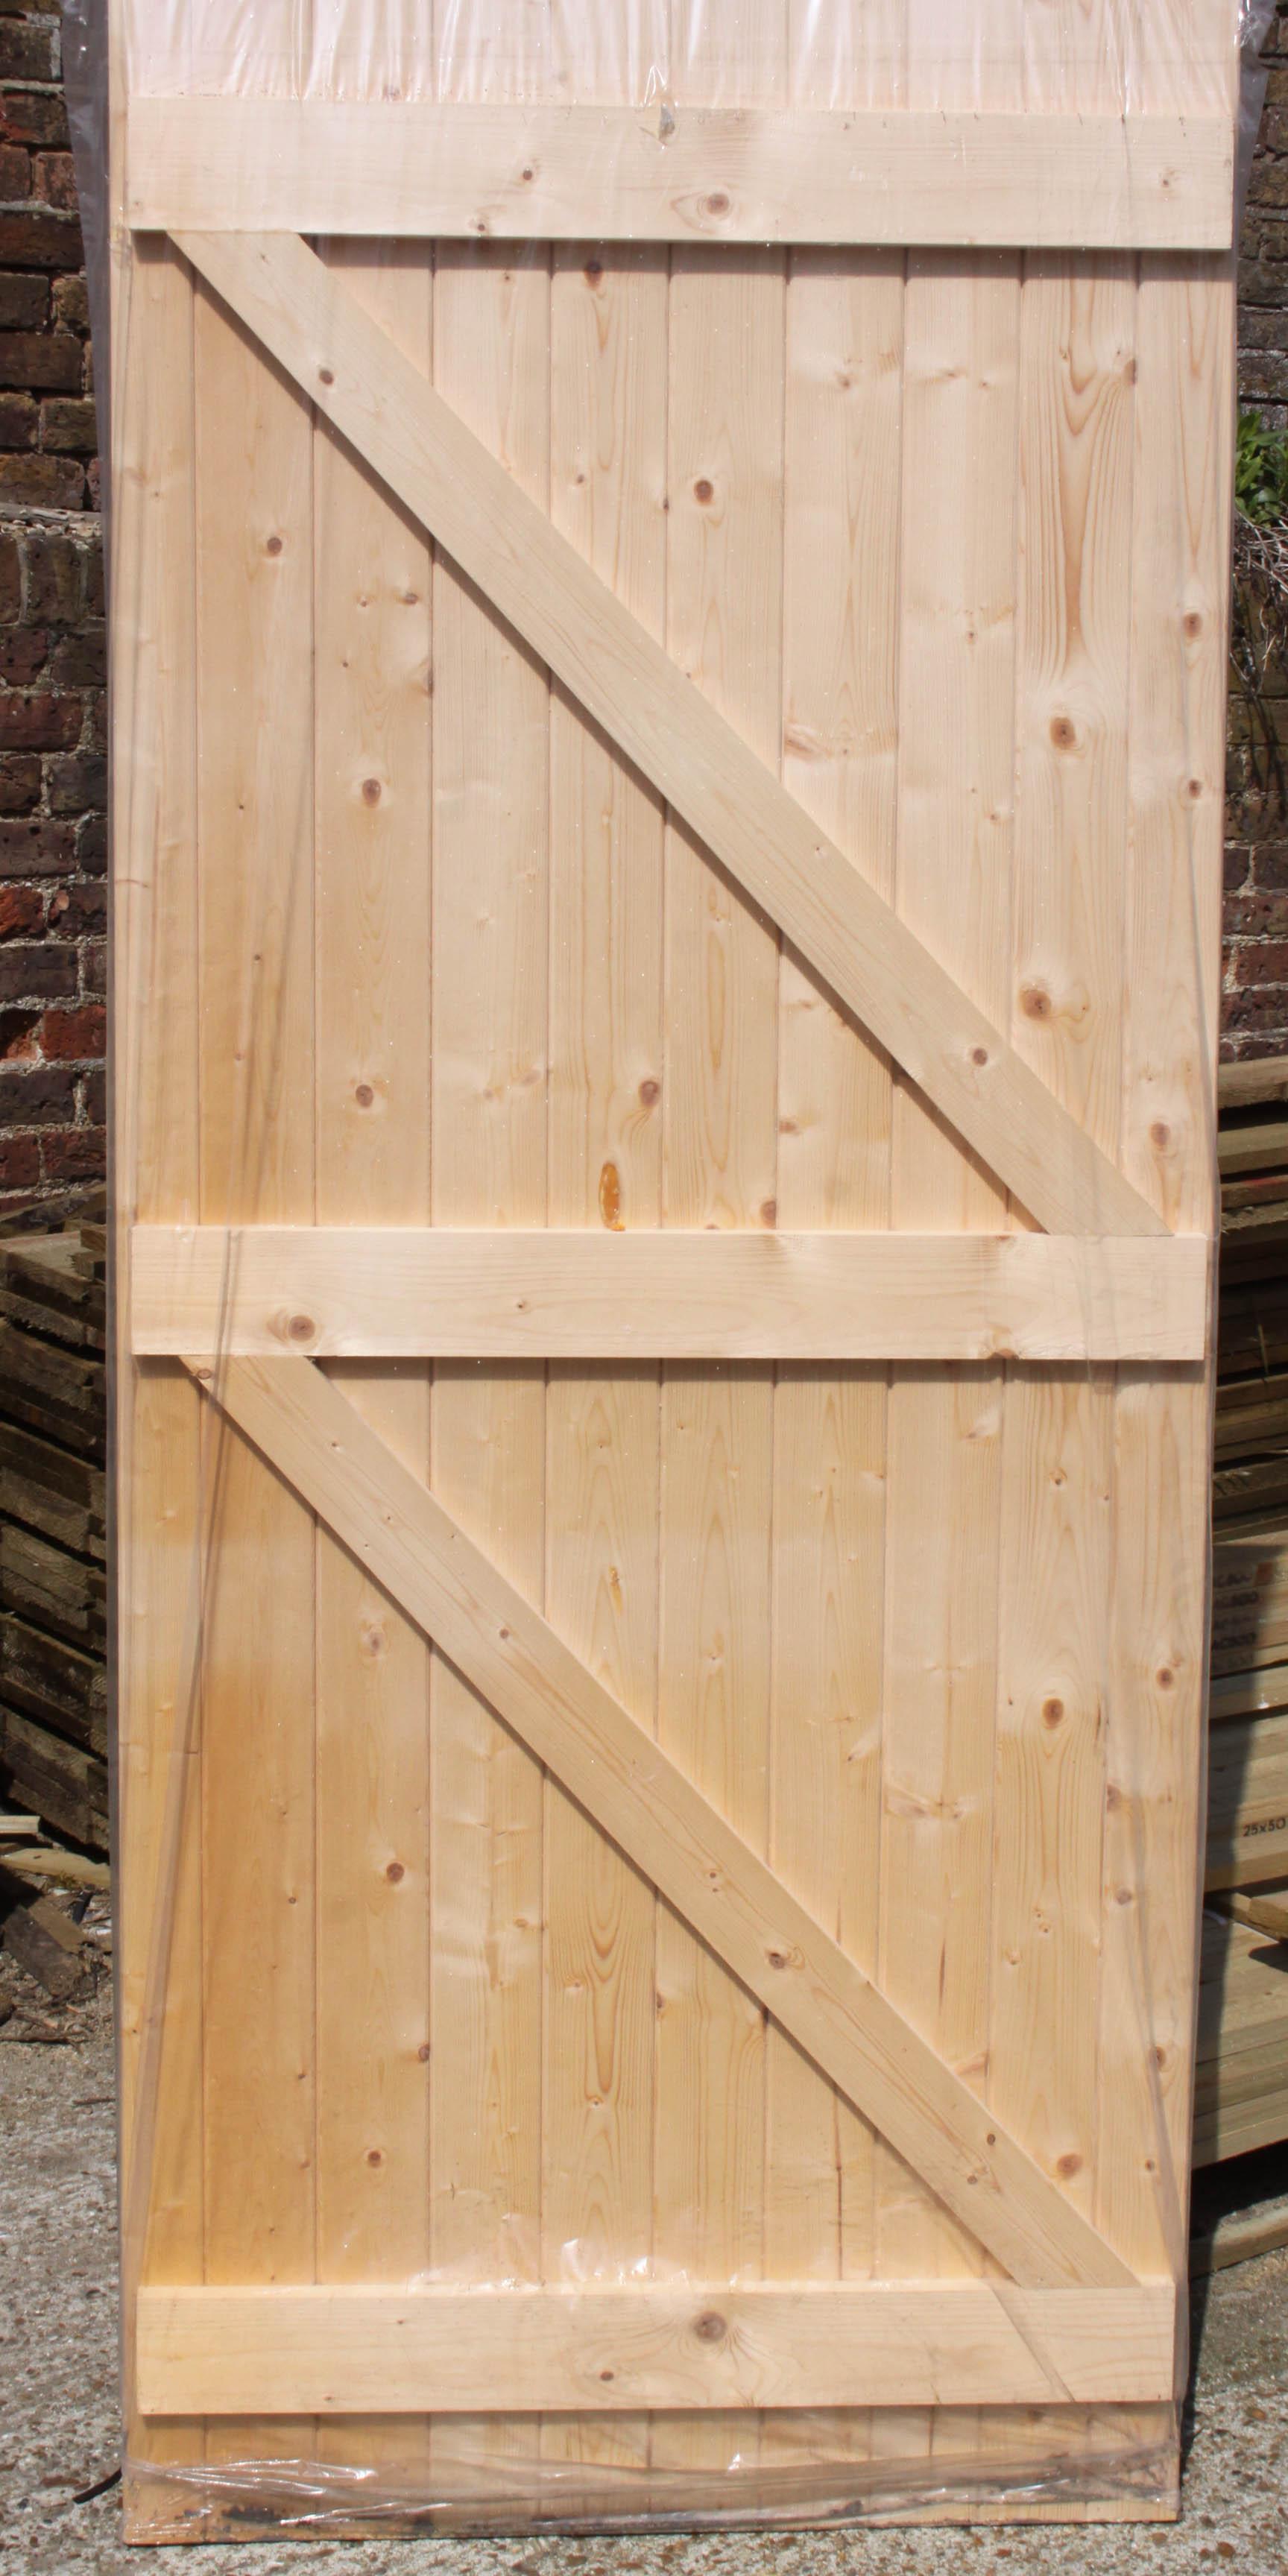 Ledge and Braced Pine Exturnal Door & Timber Requirements Seaford Ltd Ledge and Braced Pine External Door